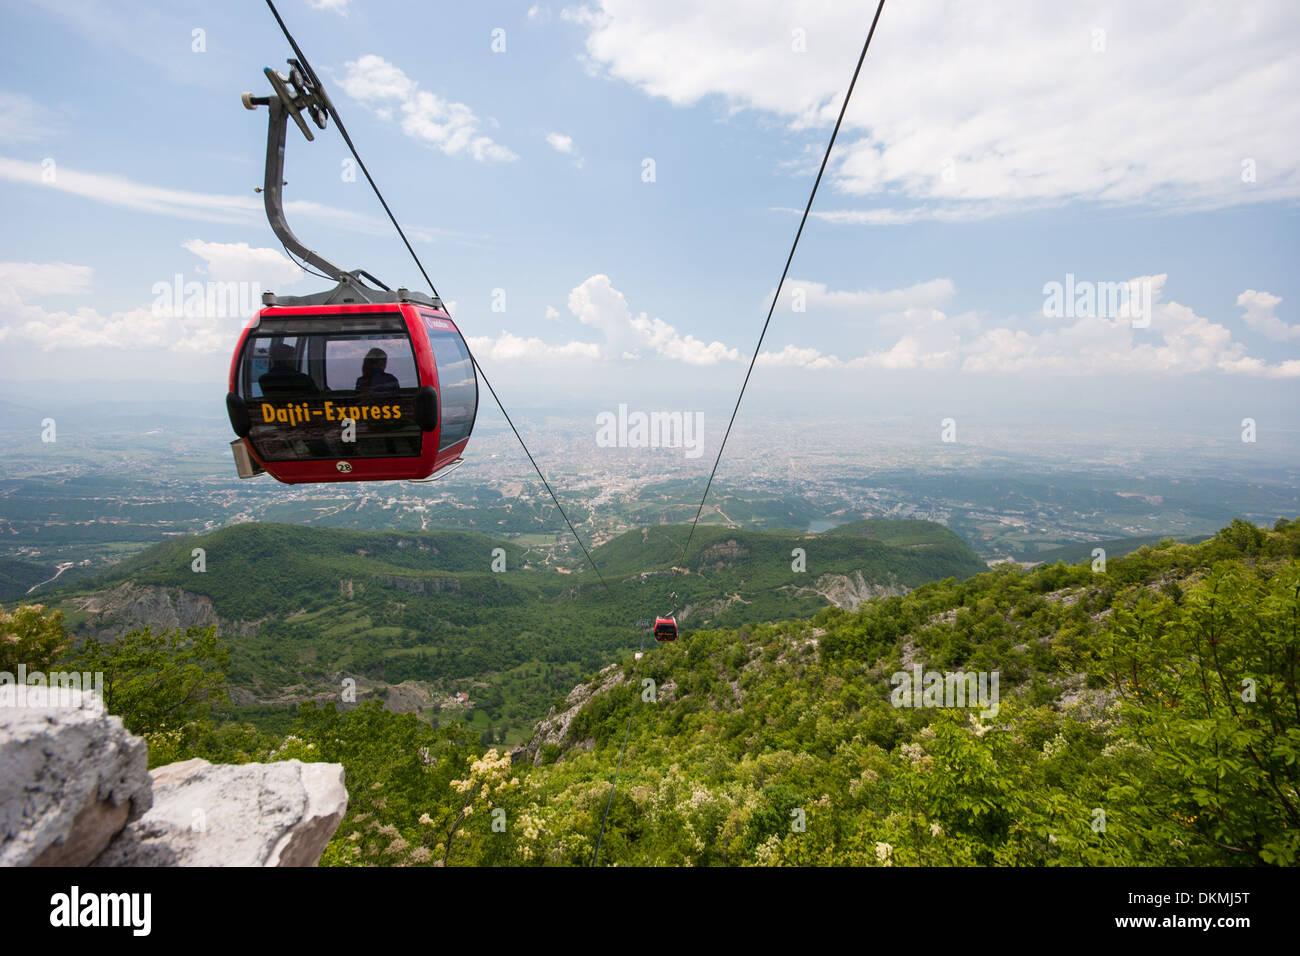 Dajti-Express, Cable Car near Tirana, Albania - Stock Image